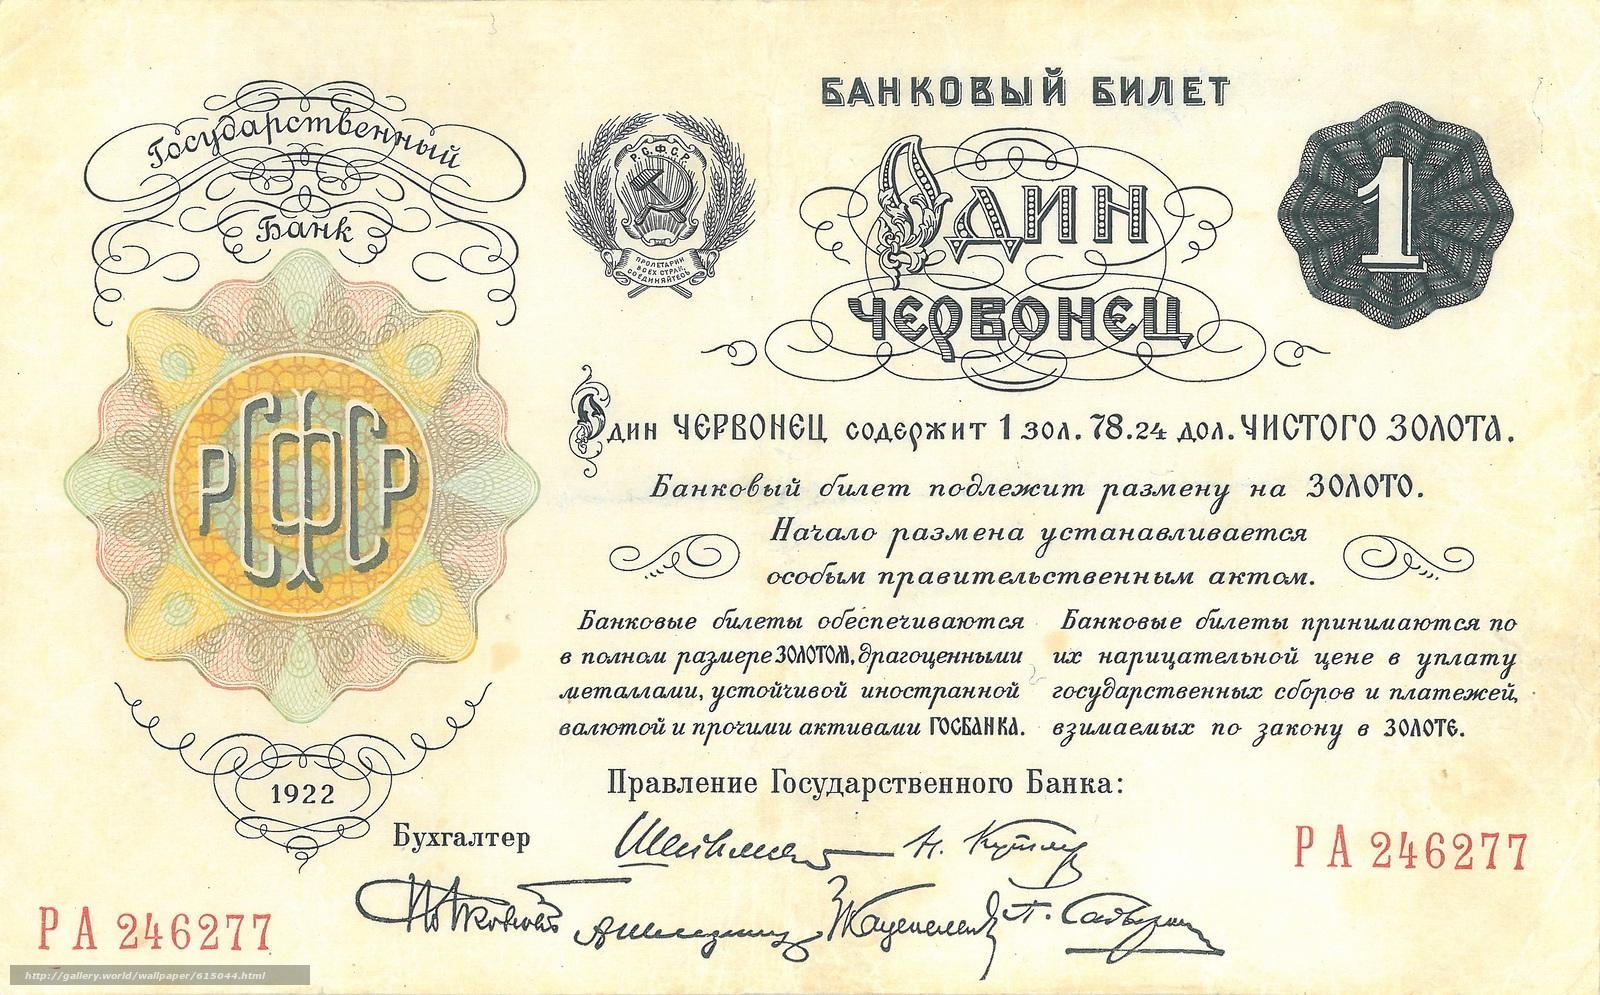 Descargar gratis uno,  ducado,  RSFSR,  1922 Fondos de escritorio en la resolucin 4157x2585 — imagen №615044